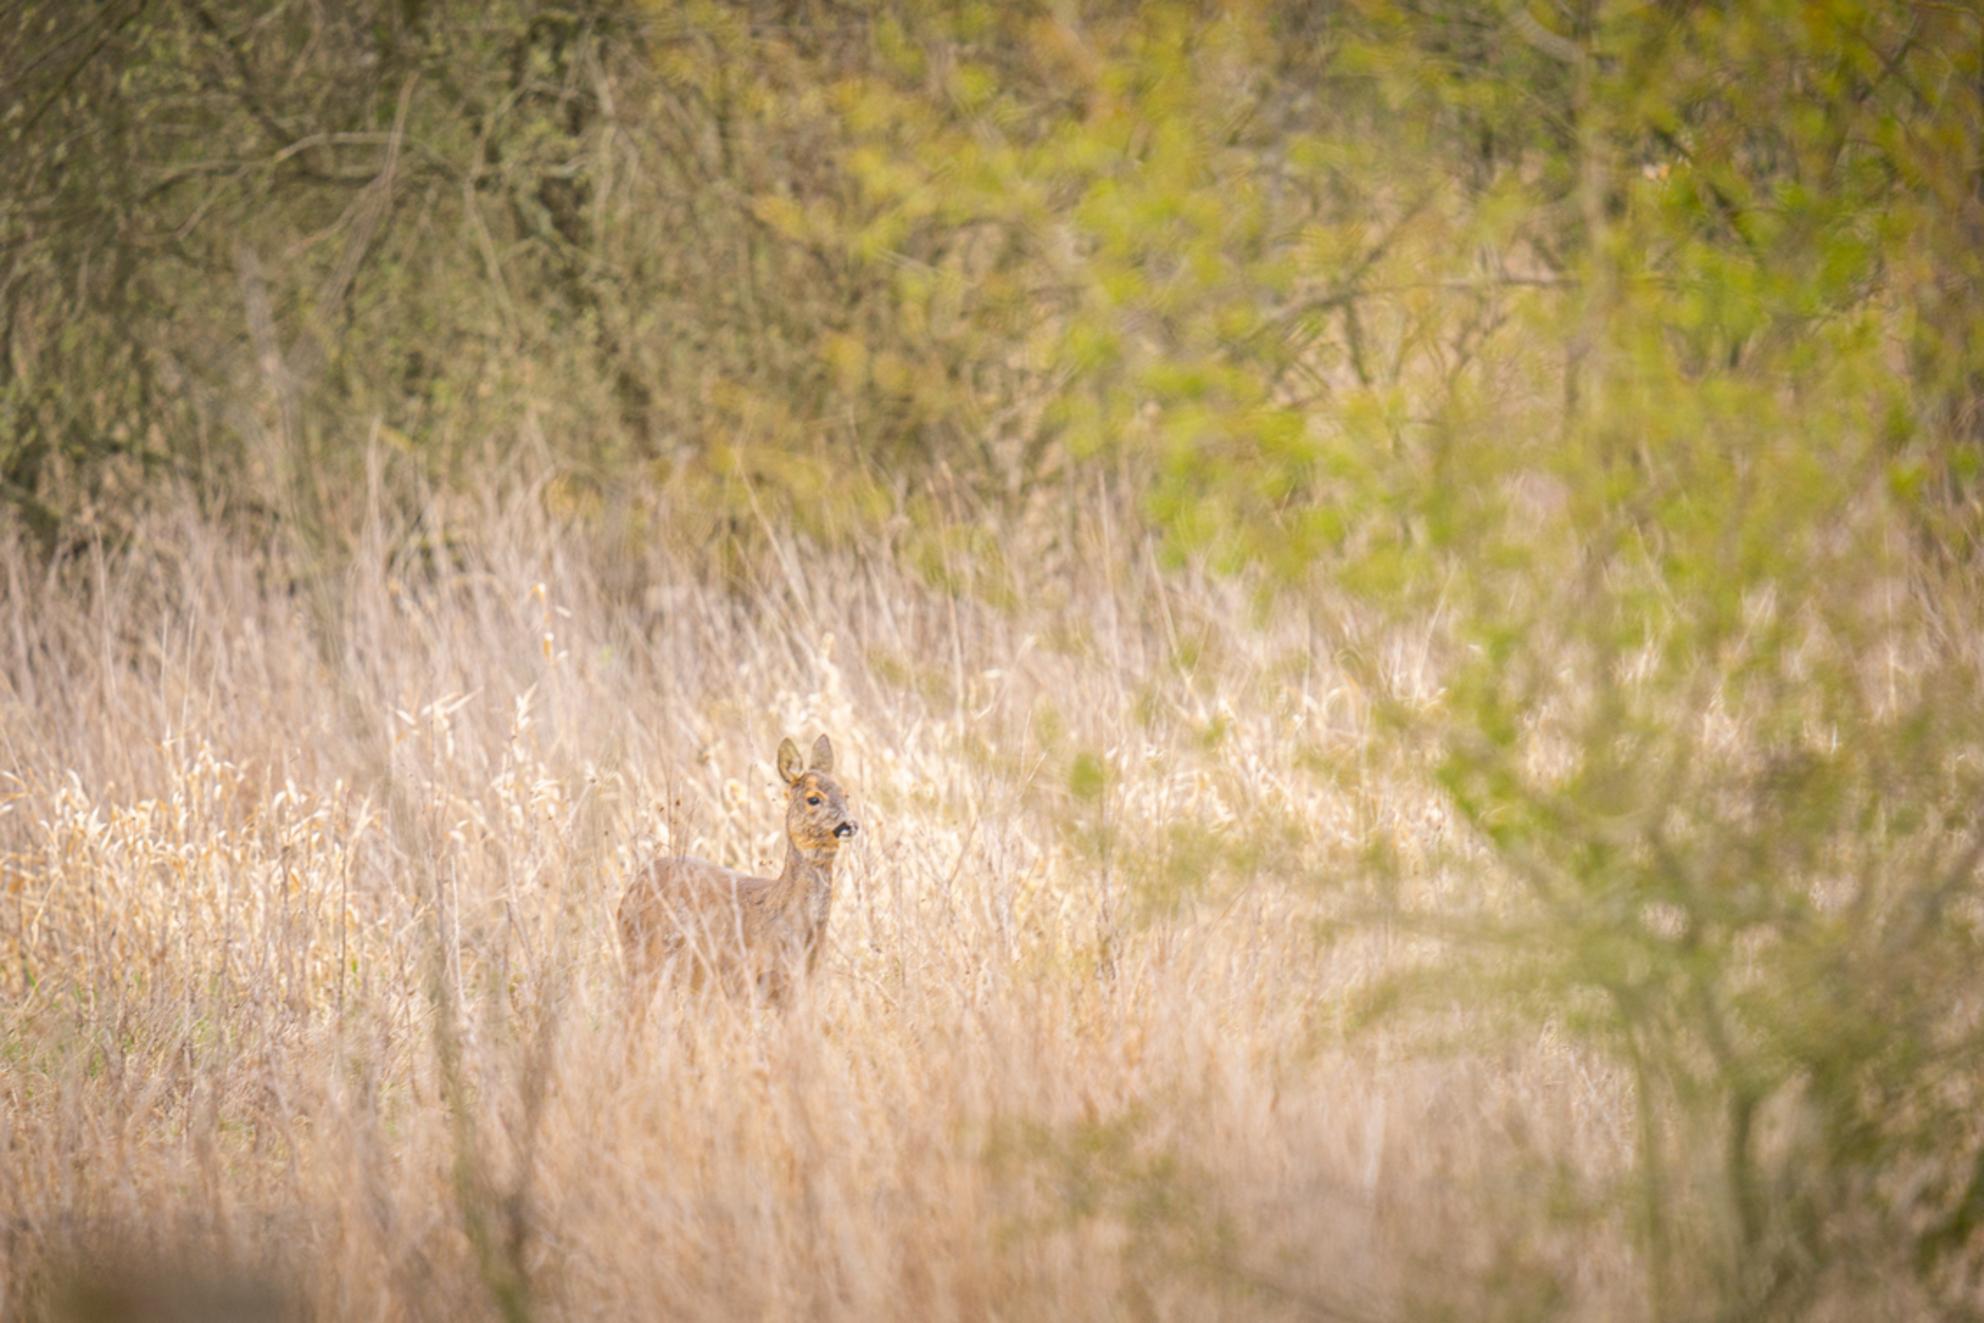 Deer in the high grass - Wat een feest was het gisteren bij natuurgebied de bundertjes in Helmond: ontzettend veel reeën gezien! In de weide, tussen het hoge gras, in het bos - foto door Alex-Maas1 op 05-04-2021 - deze foto bevat: groen, boom, lente, natuur, geel, licht, dieren, ree, wild, bos, brabant, voorjaar, daglicht, nederland, wildlife, helmond, bewolkt, hoog gras, natuurgebied de bundertjes